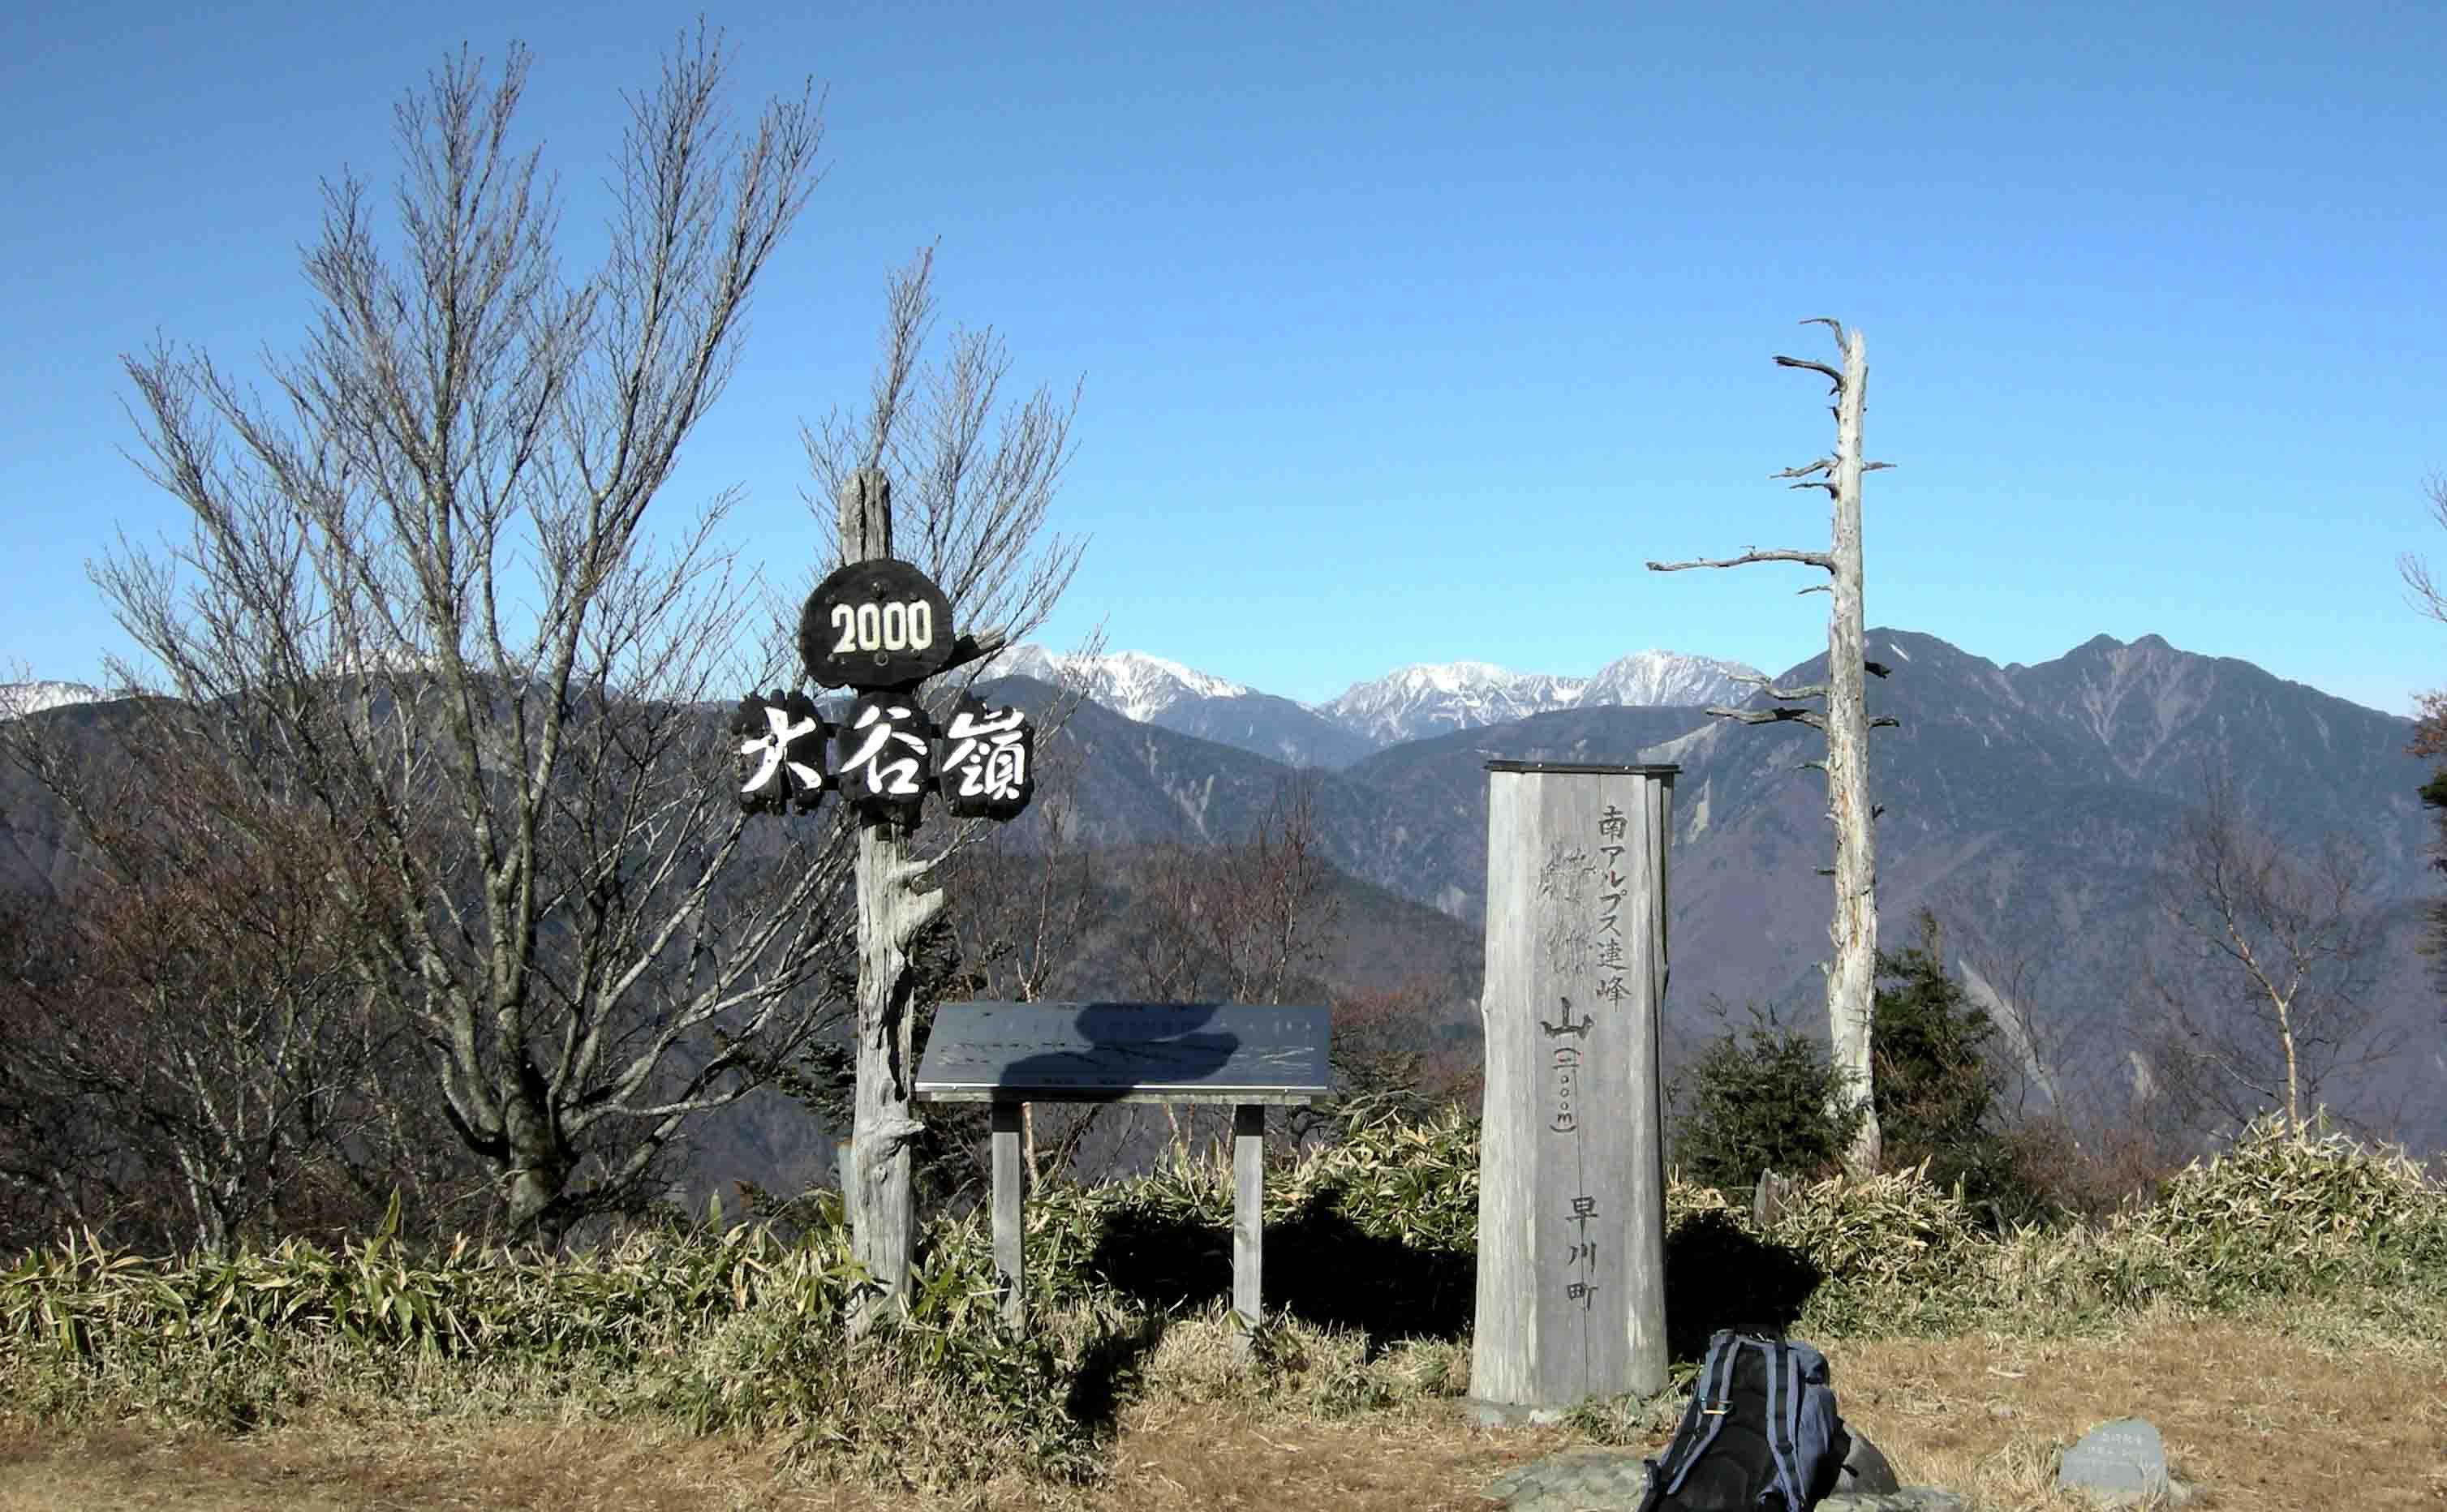 DSCN1336 大谷嶺山頂